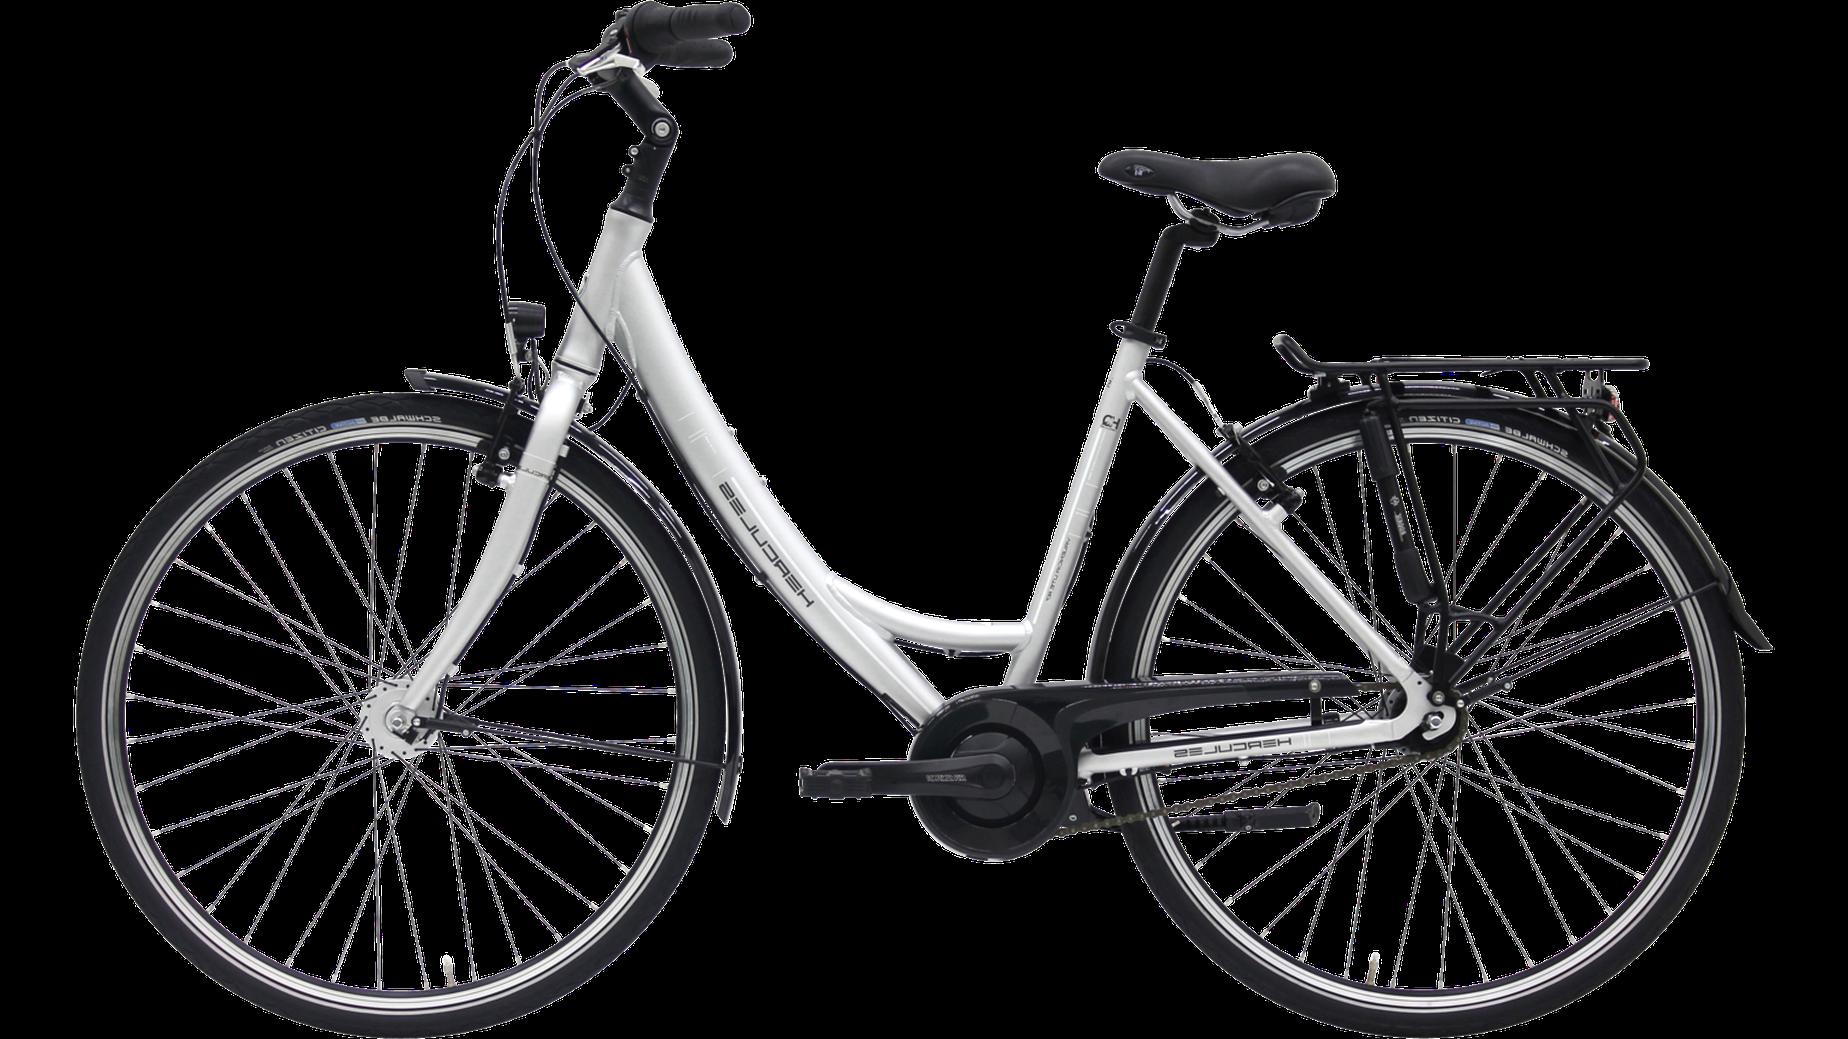 hercules fahrrad gebraucht kaufen